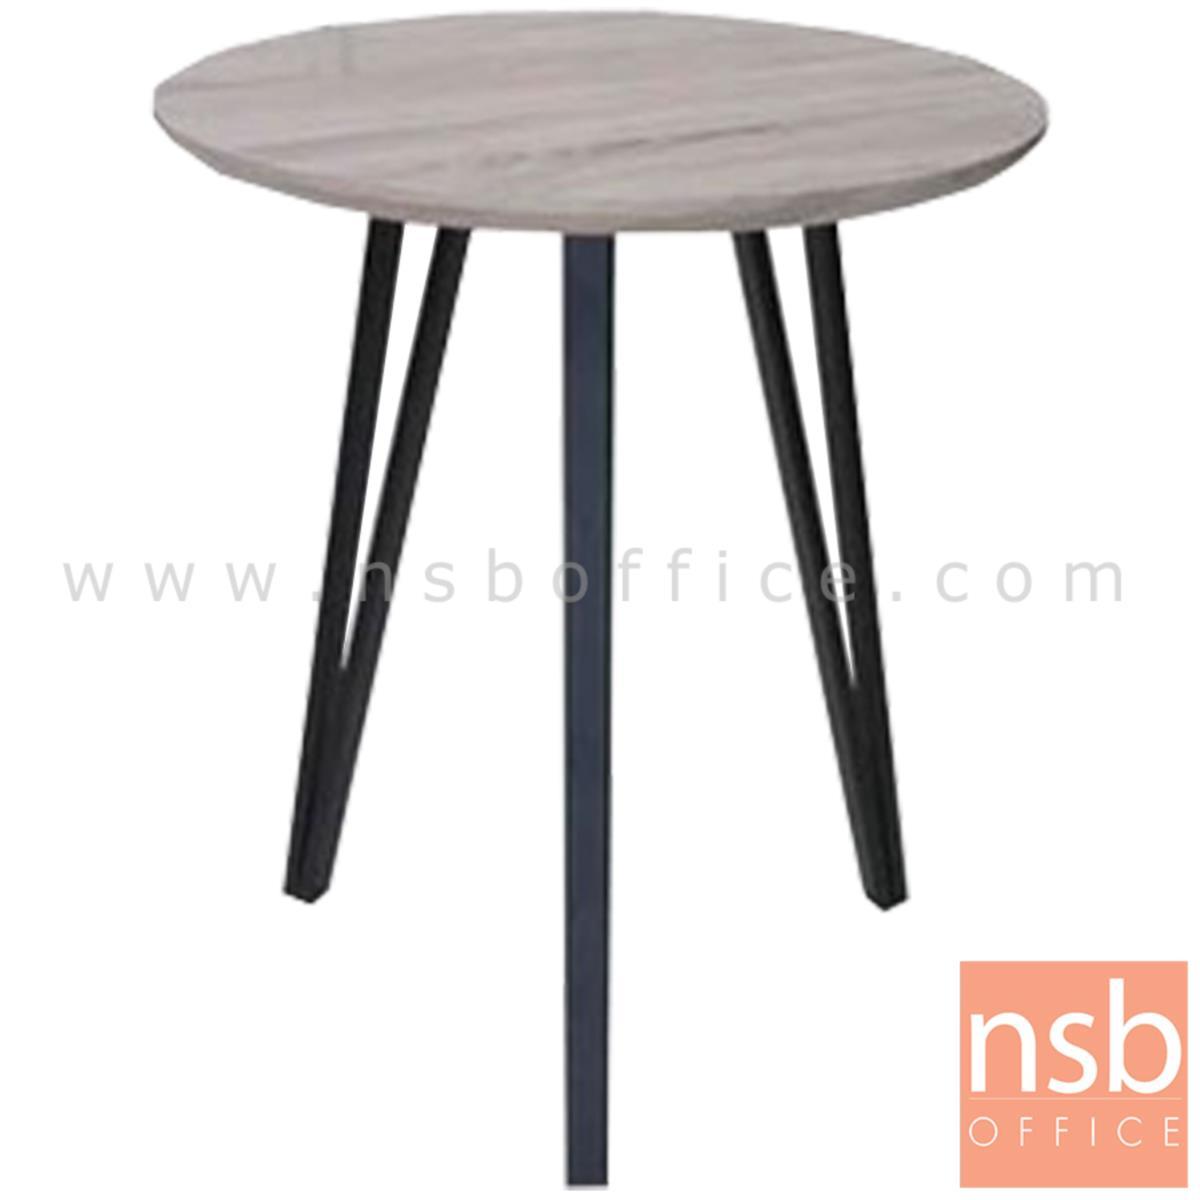 โต๊ะกลมหน้าไม้ รุ่น CACERES (กาเซเรส) ขนาด 60Di cm. ขาเหล็ก